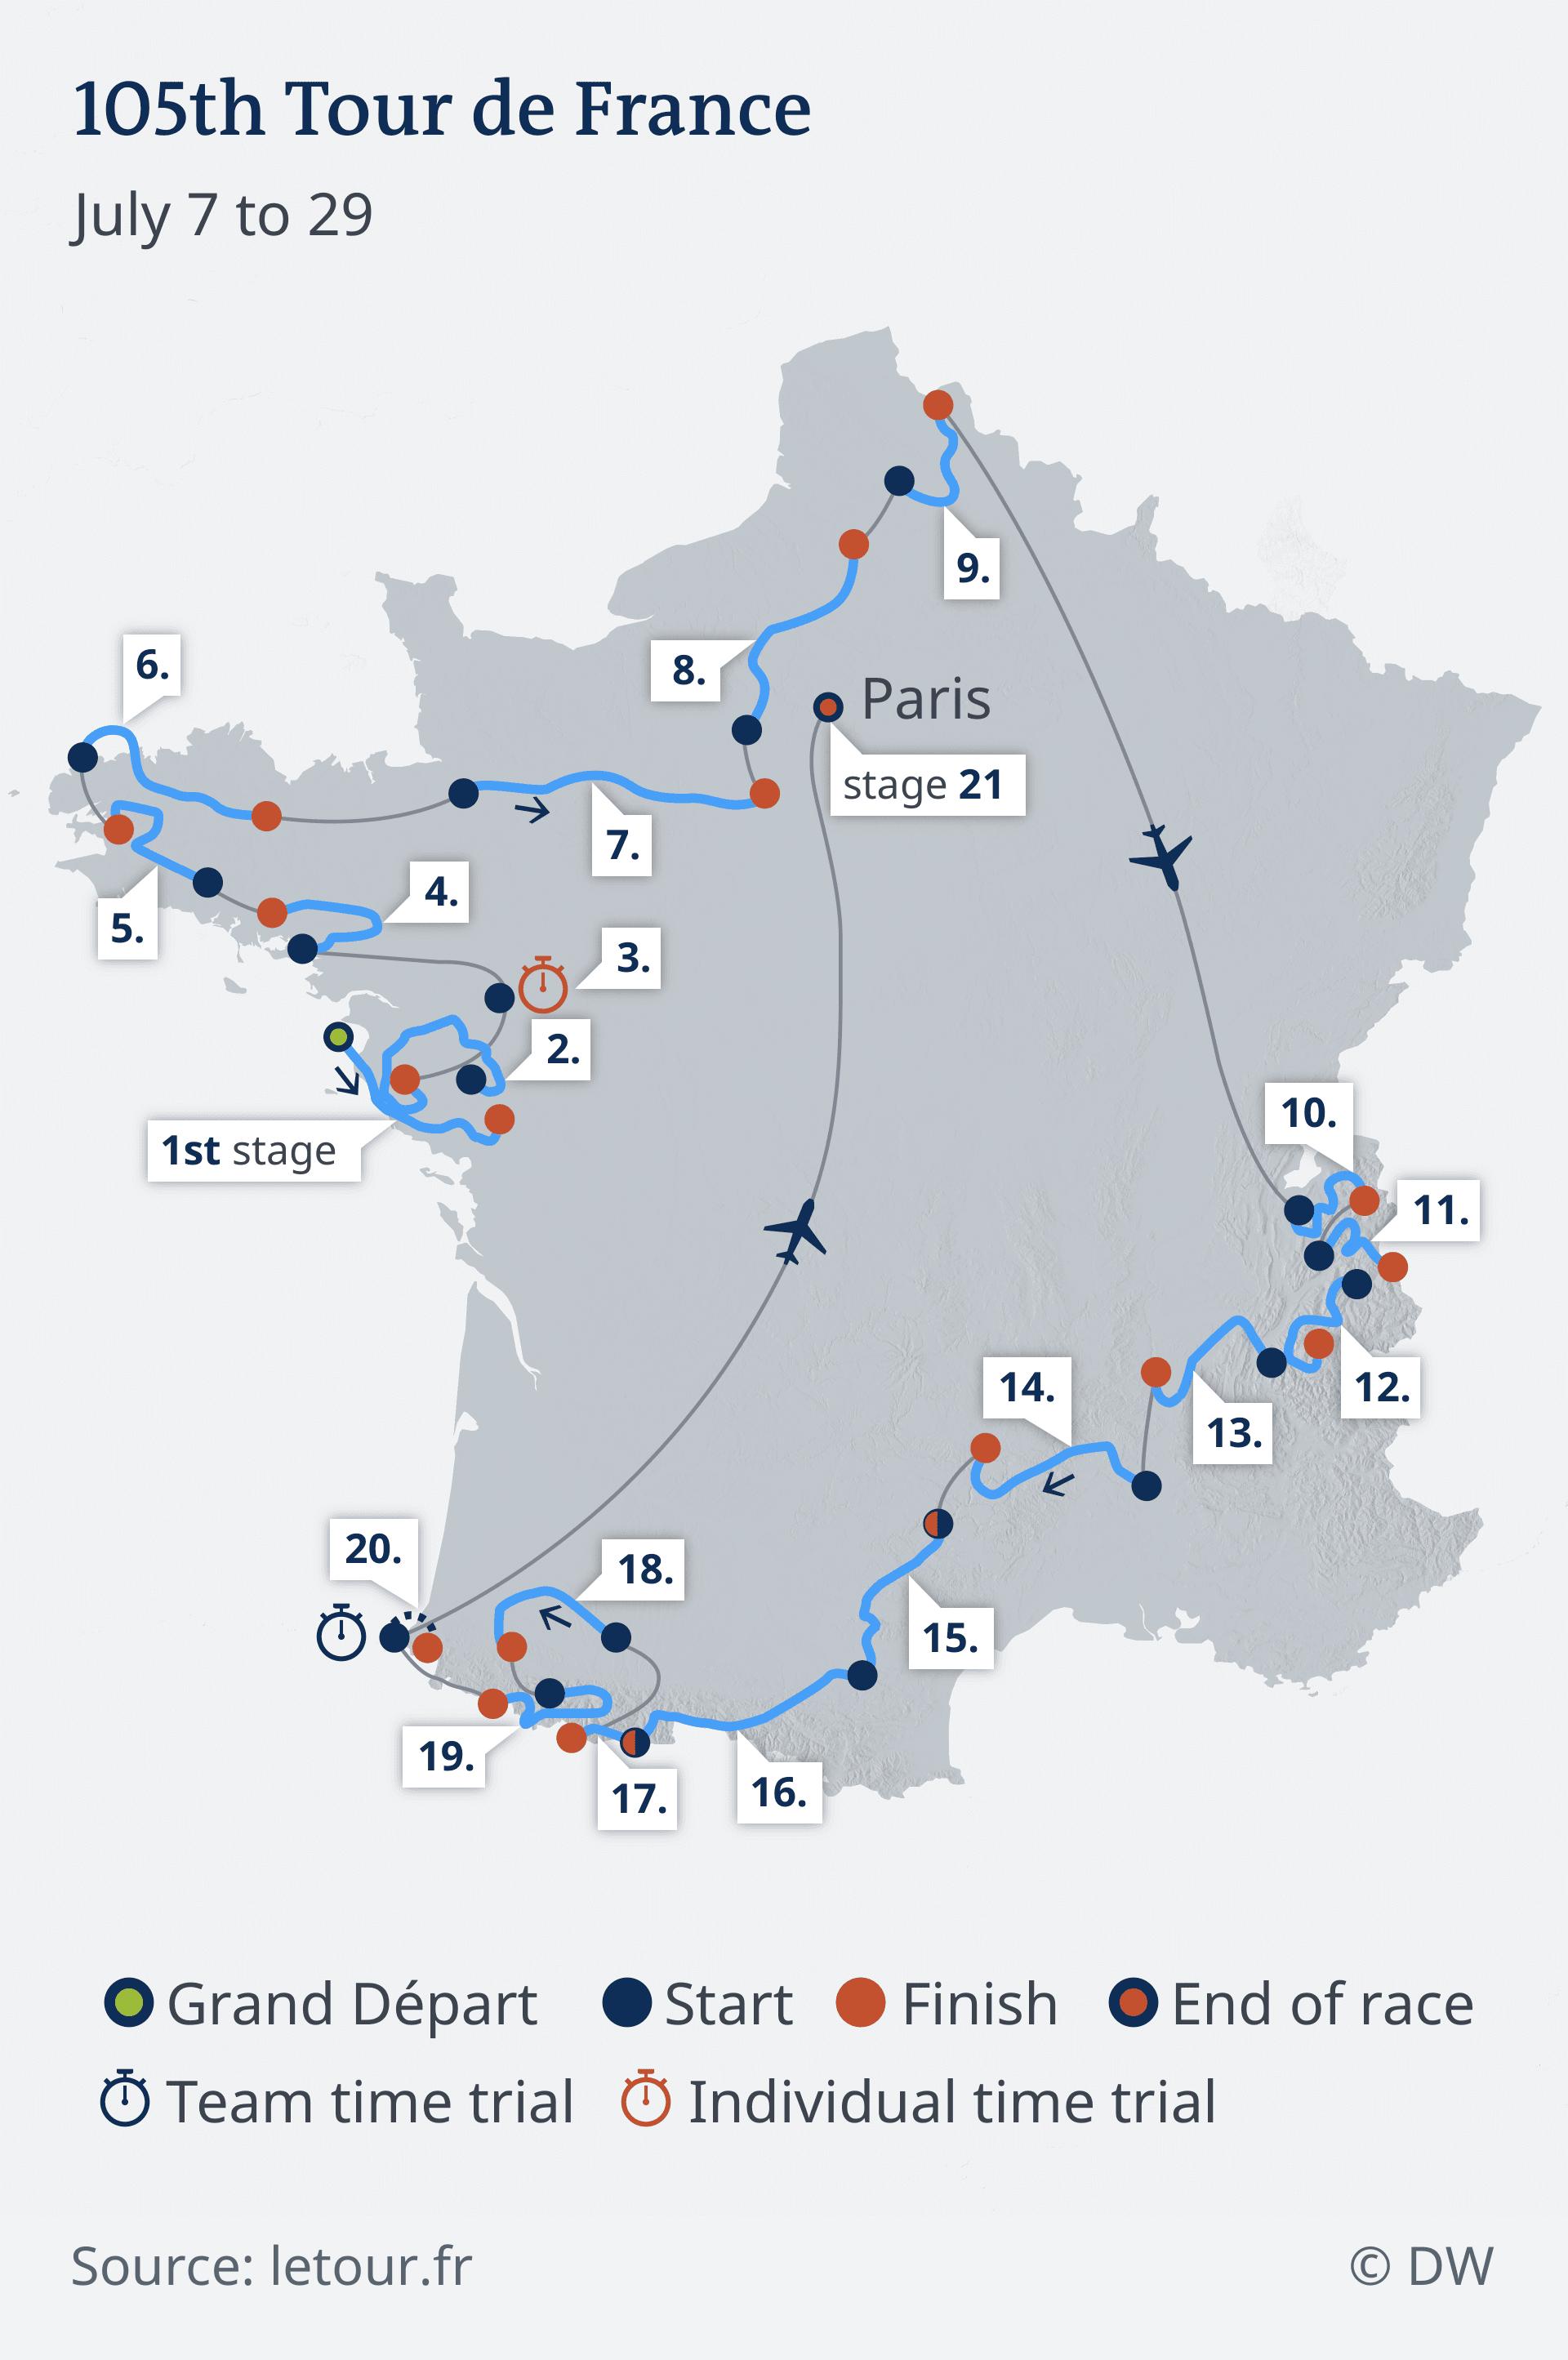 Tour de France 2018 Karte Infografik EN